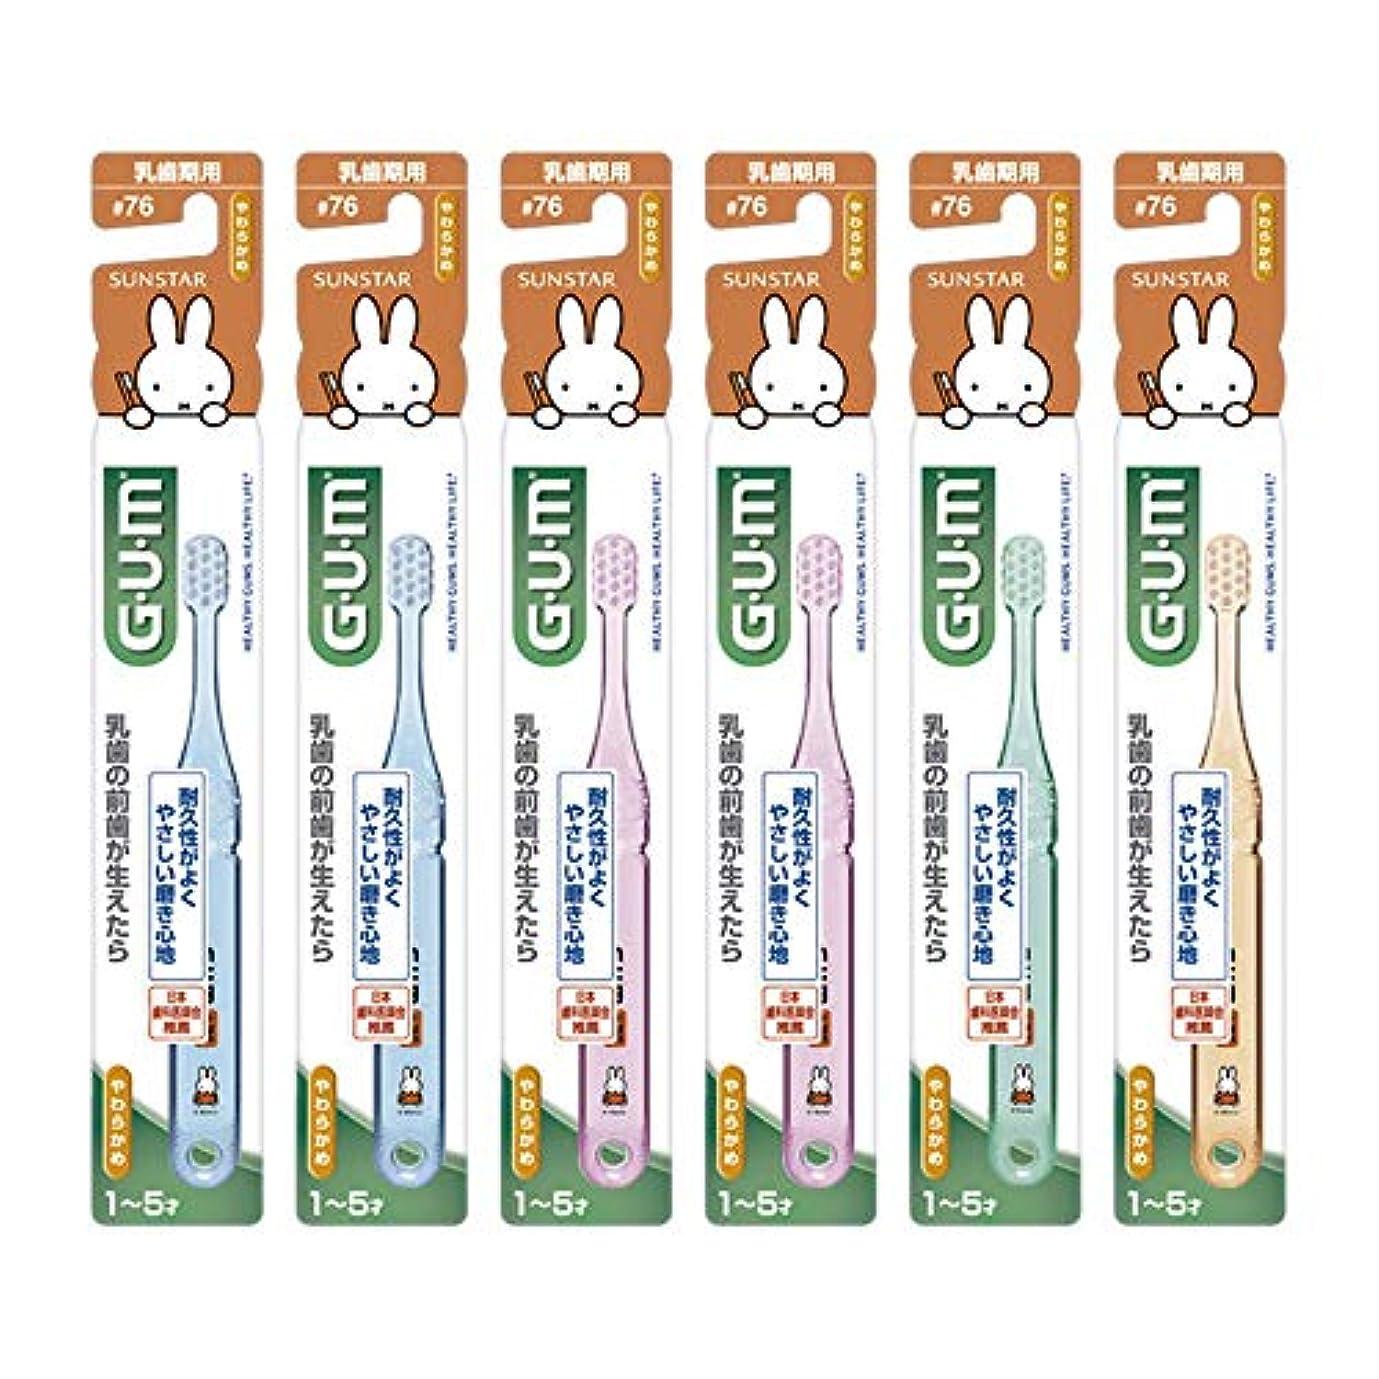 ぴったり習字安全GUM(ガム) デンタル こども 歯ブラシ #76 [乳歯期用/やわらかめ] 6本パック+ おまけつき【Amazon.co.jp限定】